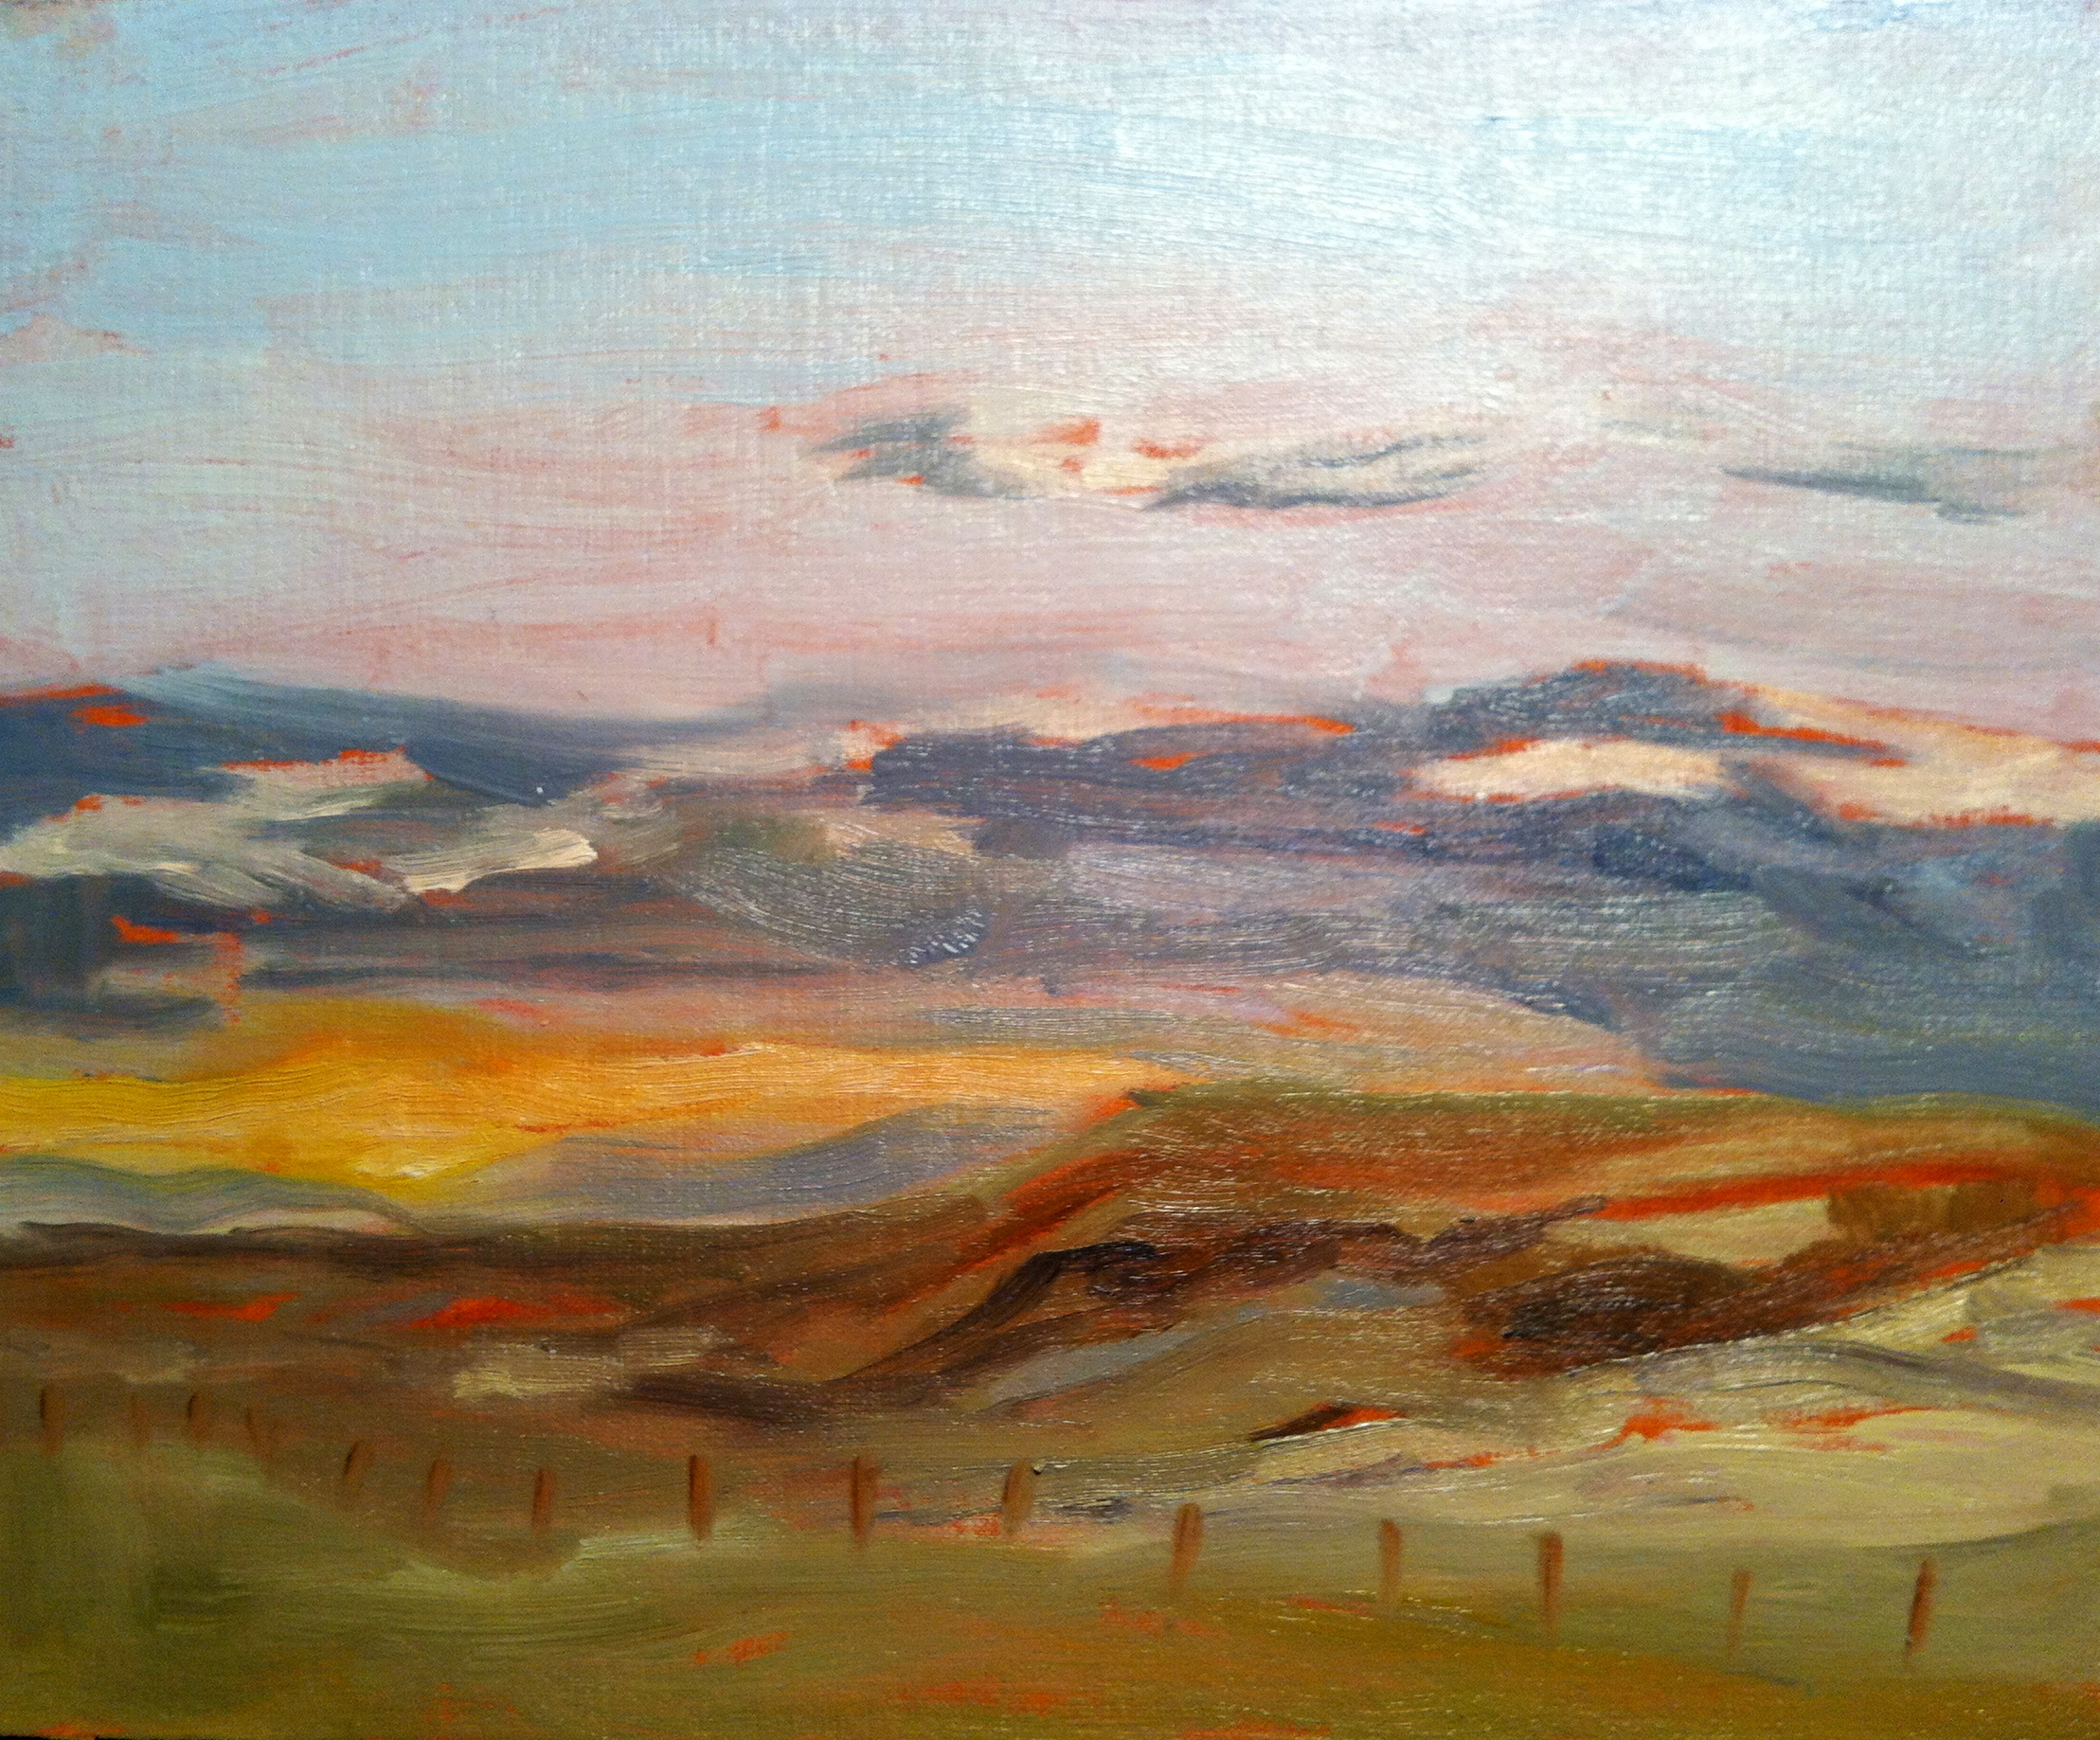 """""""Evening Sunset at Siksika"""" ©2012 Janice Tanton. Oil on linen panel. 8""""x10"""""""